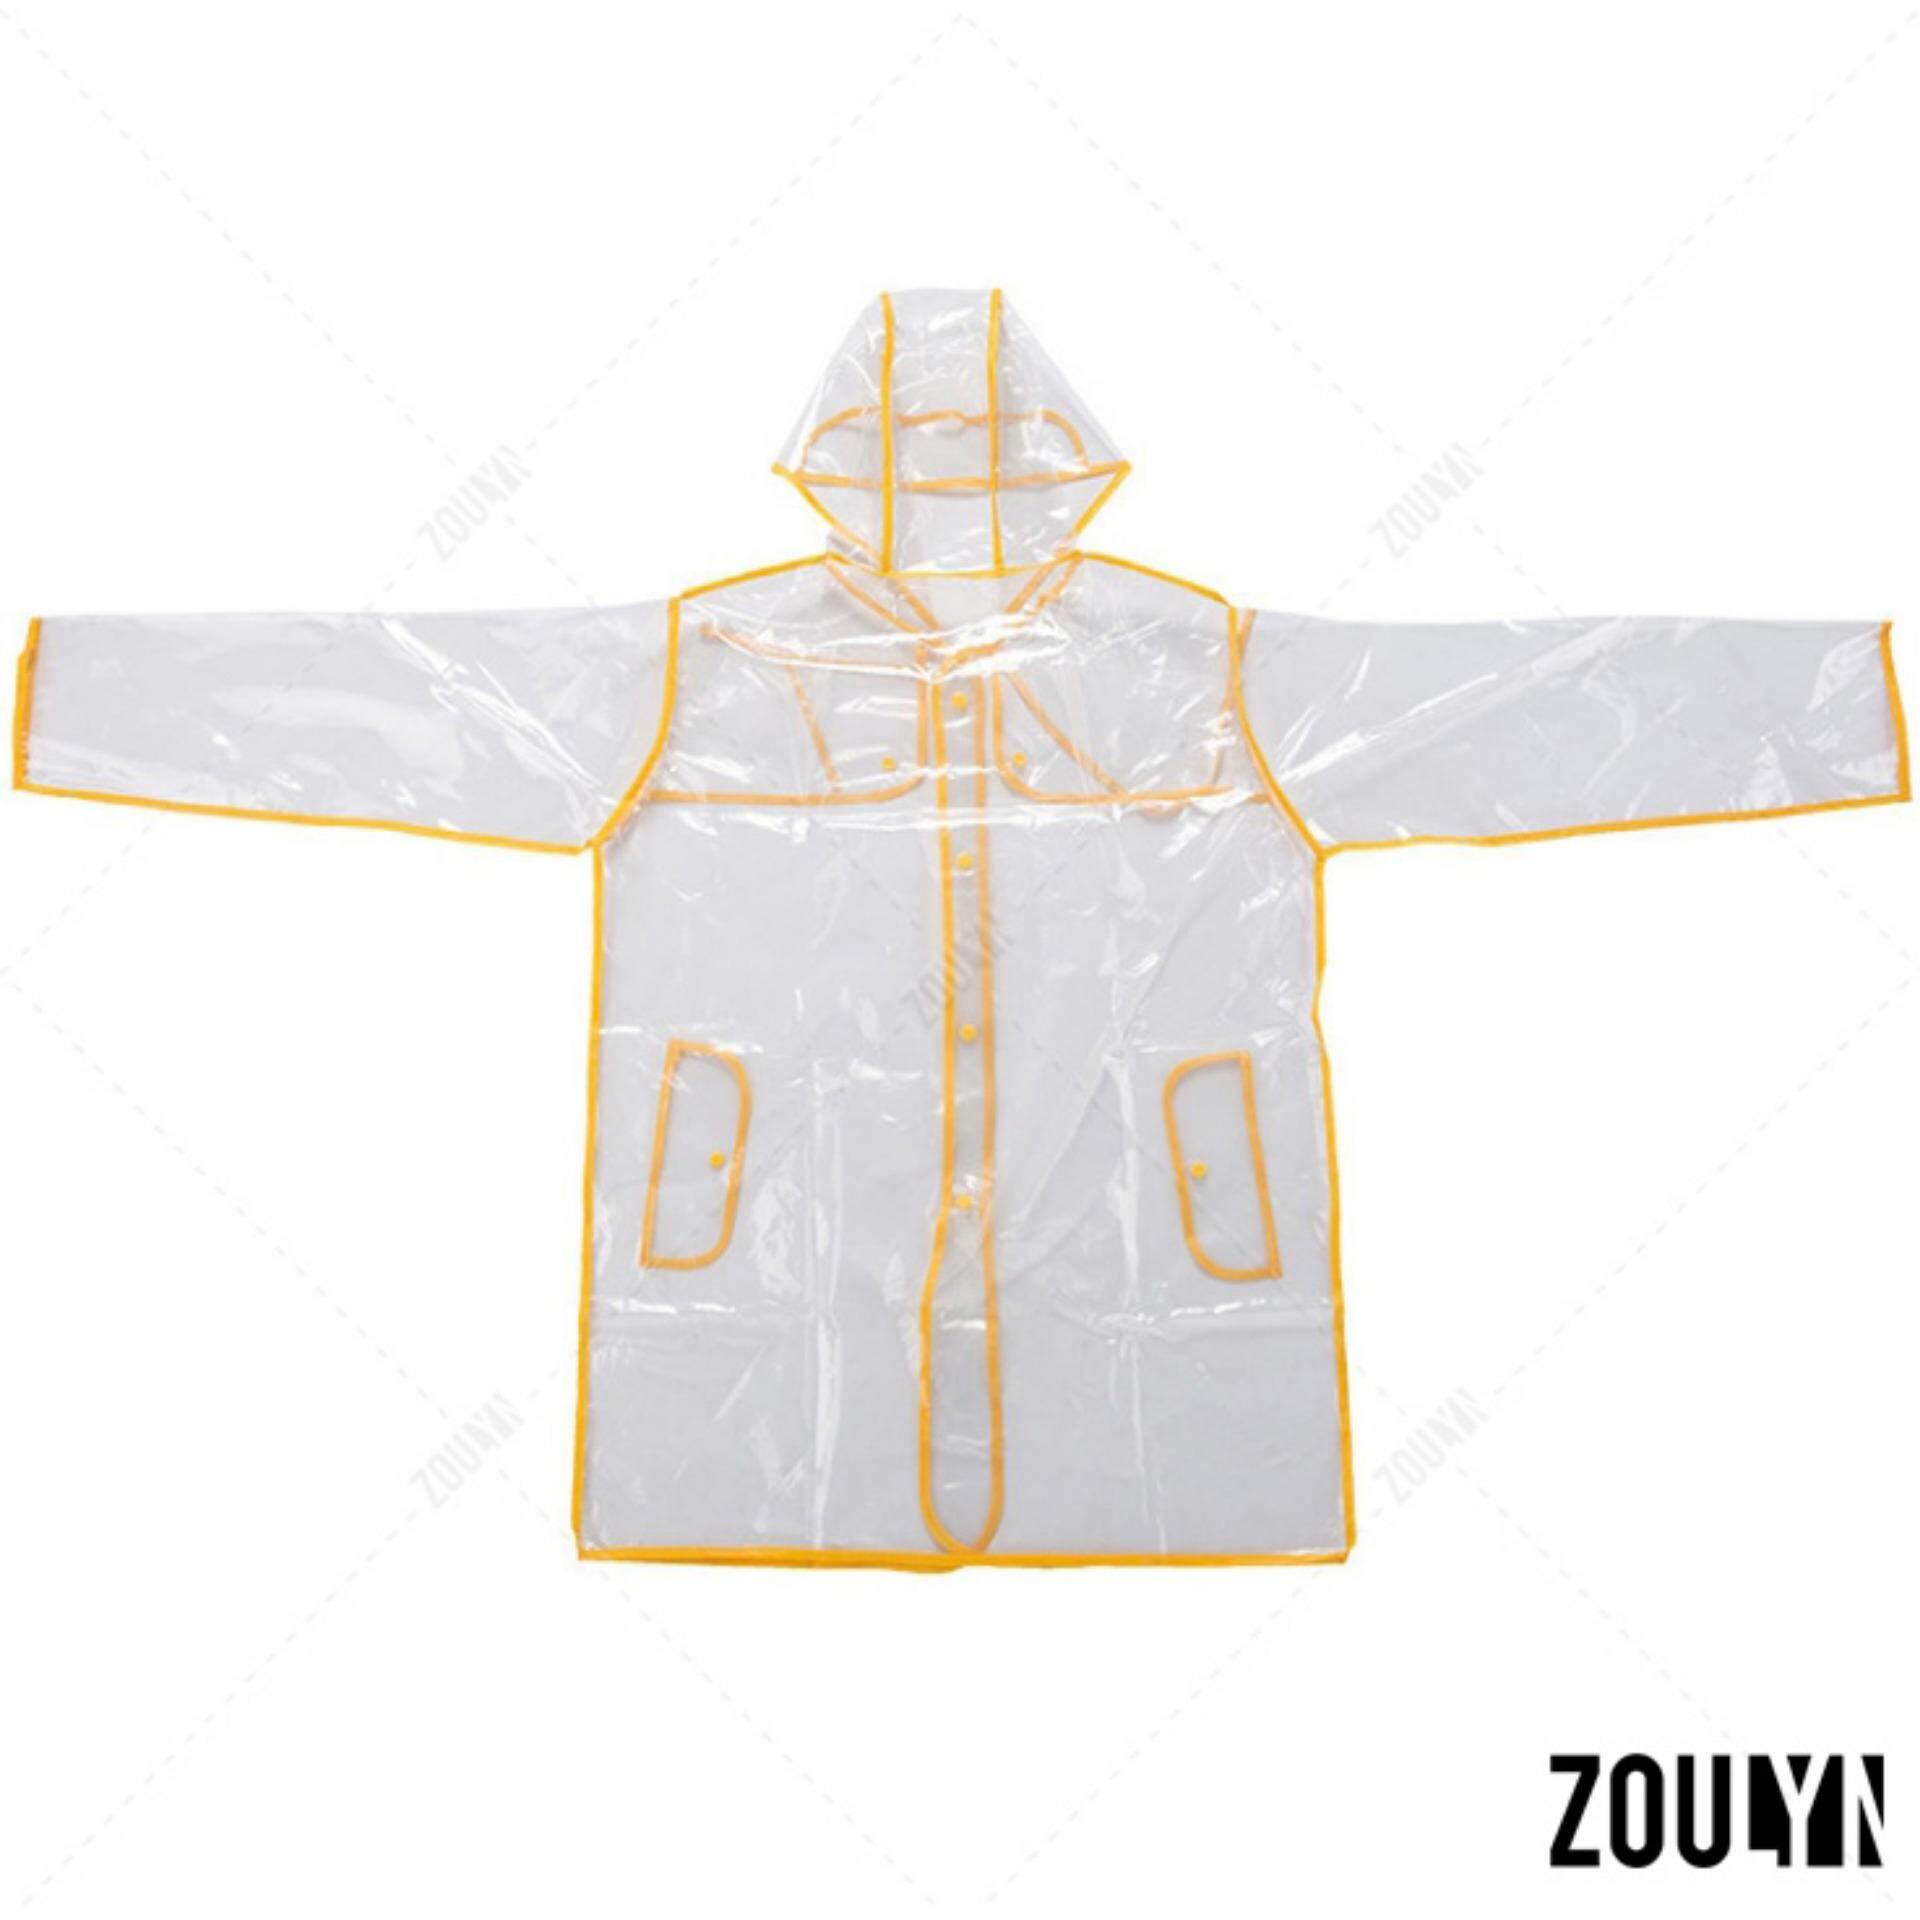 ซื้อ Zoulyn เสื้อกันฝน แฟชั่น โปร่งใส Fashion Transparent Waterproof Rain Coat ชุดกันฝน สไตล์ญี่ปุ่น รุ่น Kdf 0006 สีเหลือง Yellow